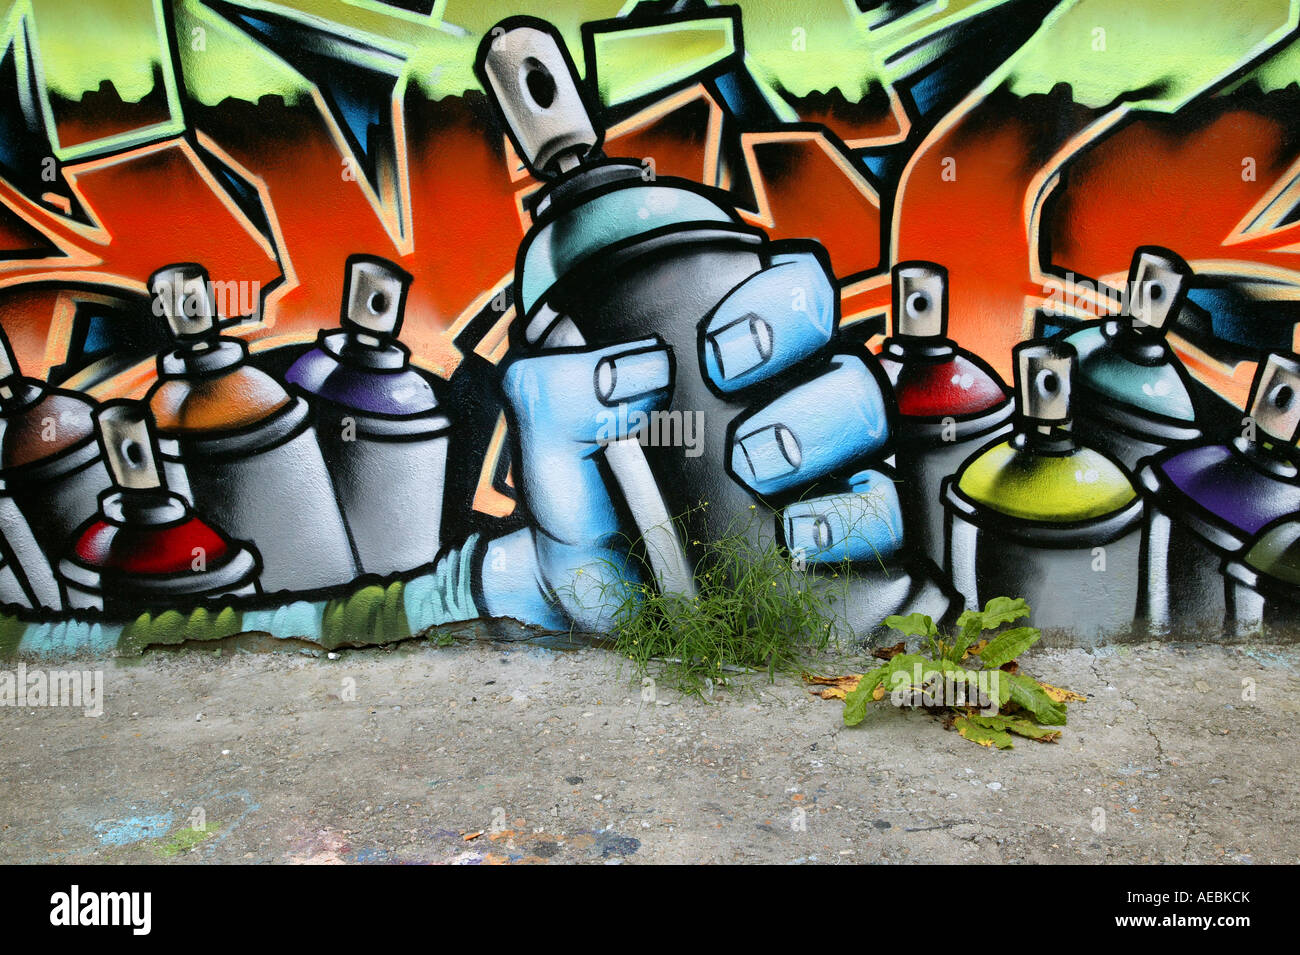 Bombe De Peinture Graffiti Image Sur Un Mur Public Banque D